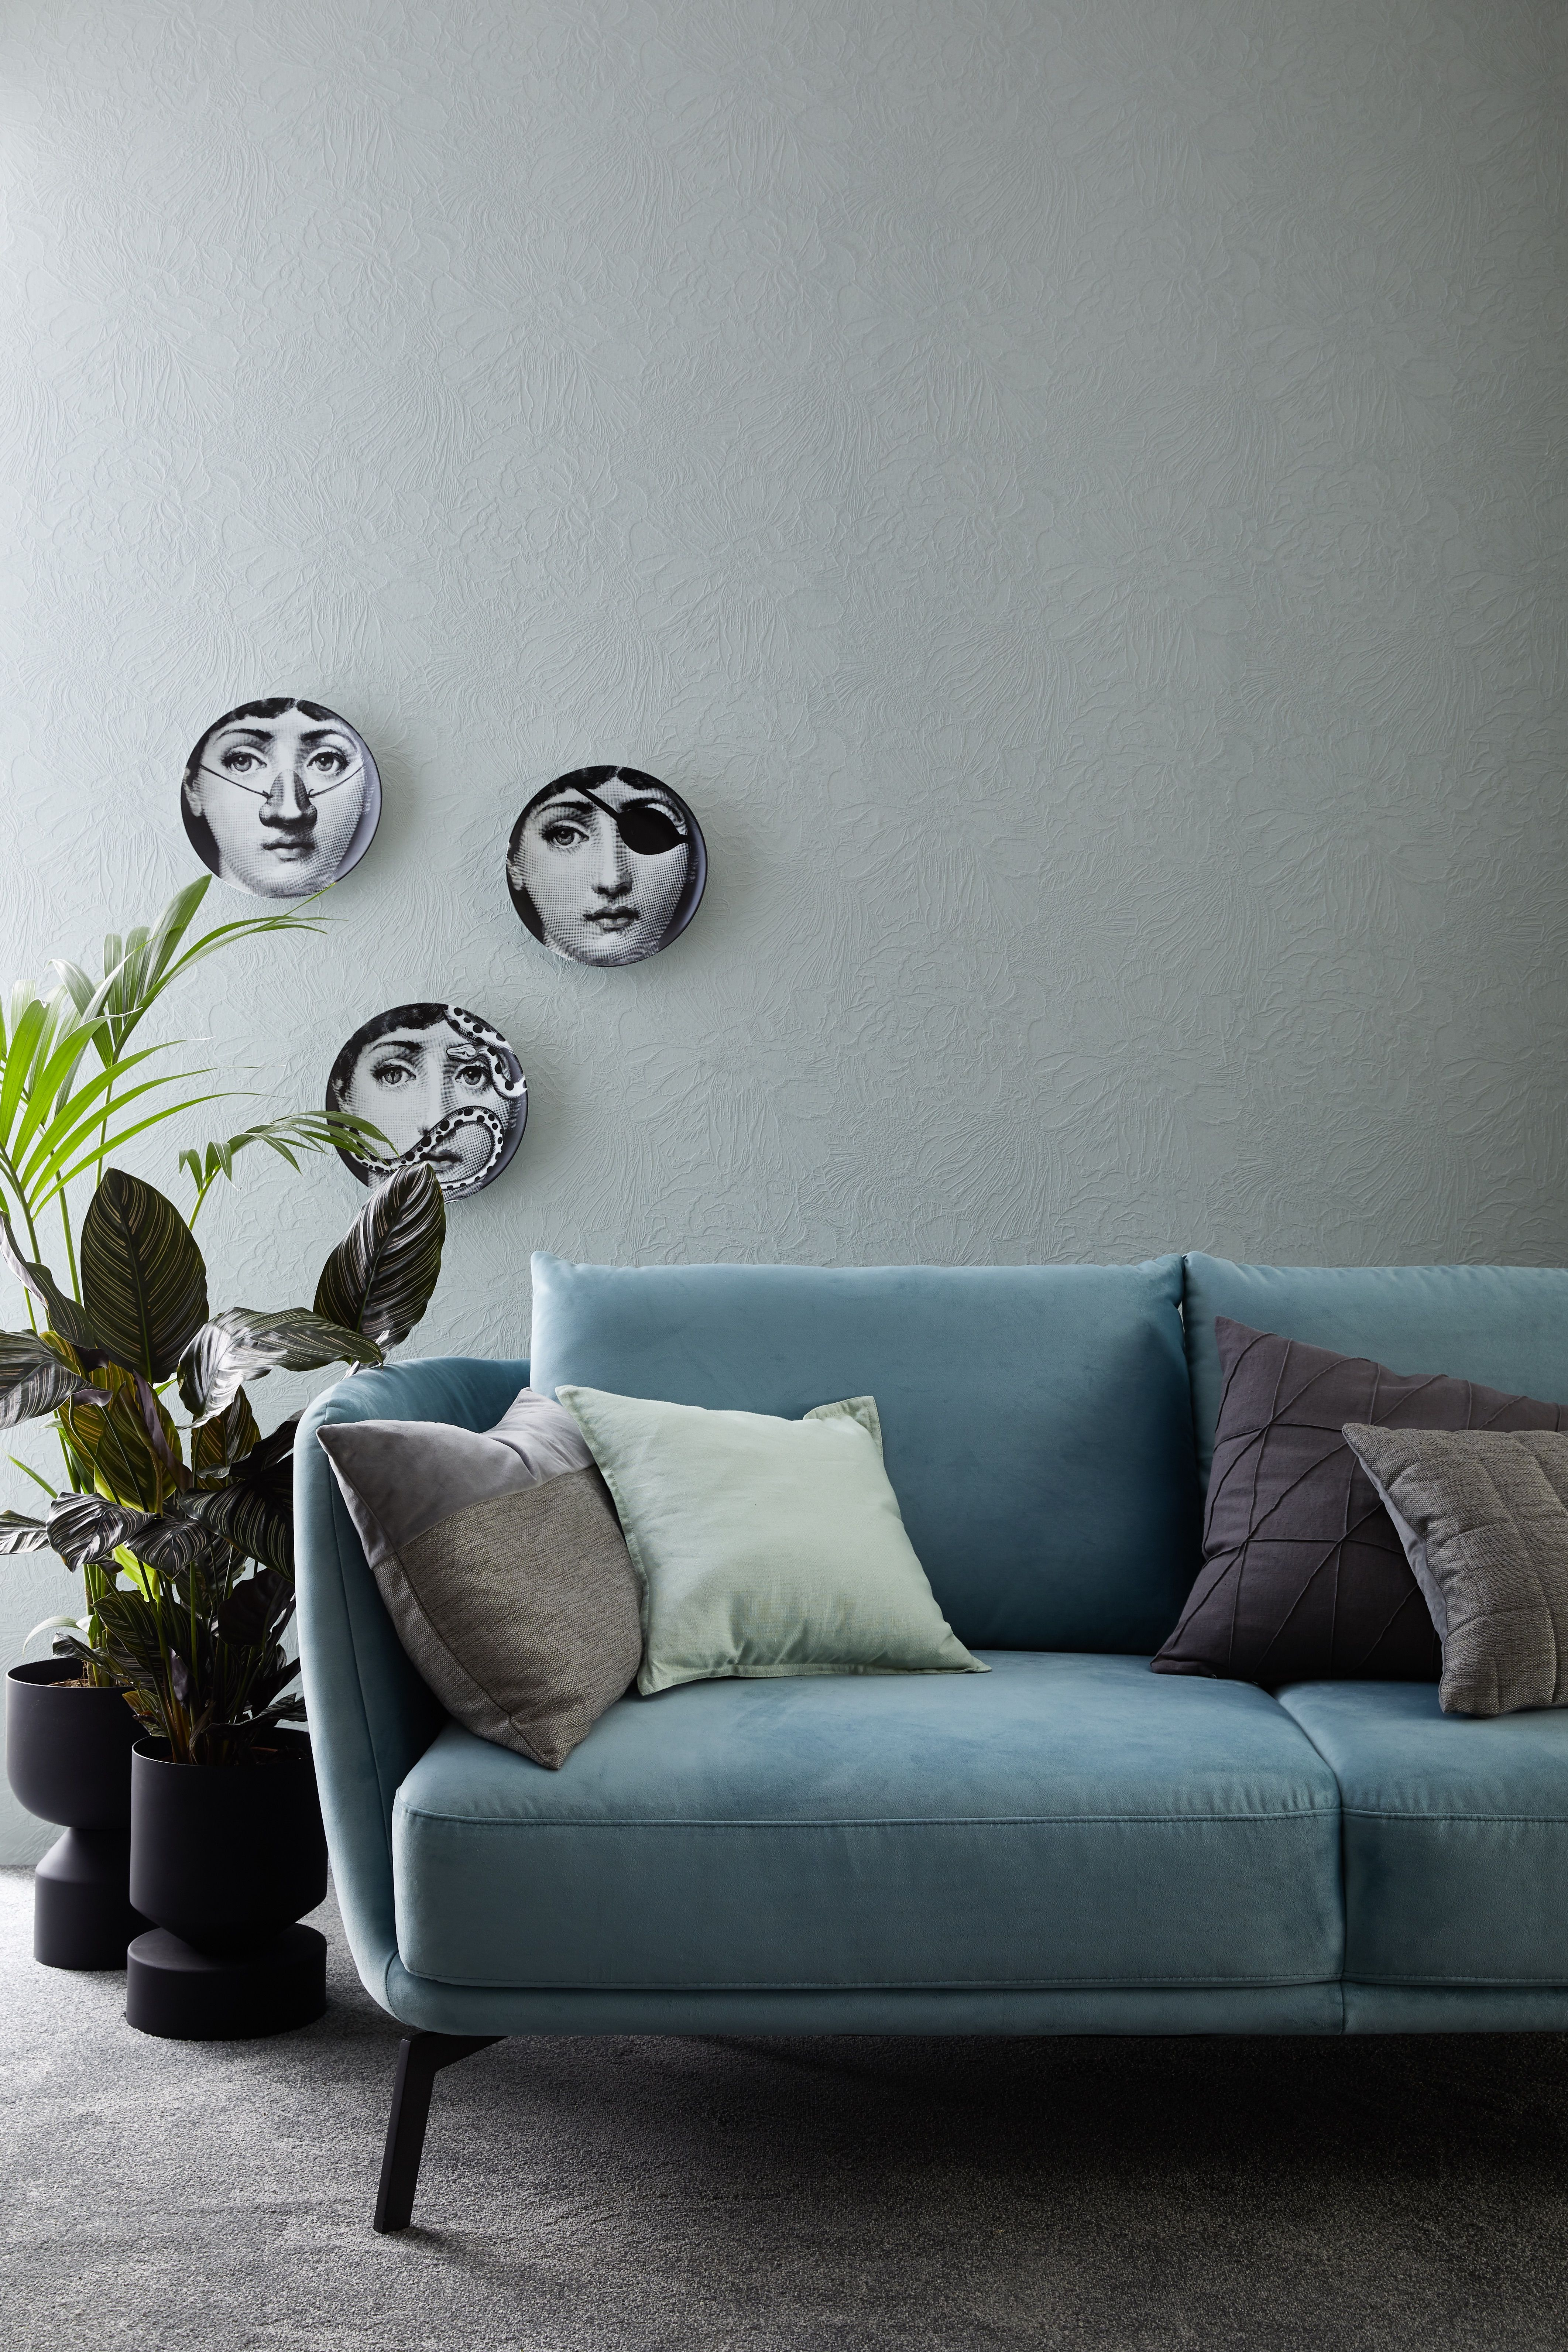 Schoner Wohnen Kollektion Samtsofa Pearl Samt Sofa Couch Wohnzimmer Idee In 2020 Sofa Haus Deko Wohnen